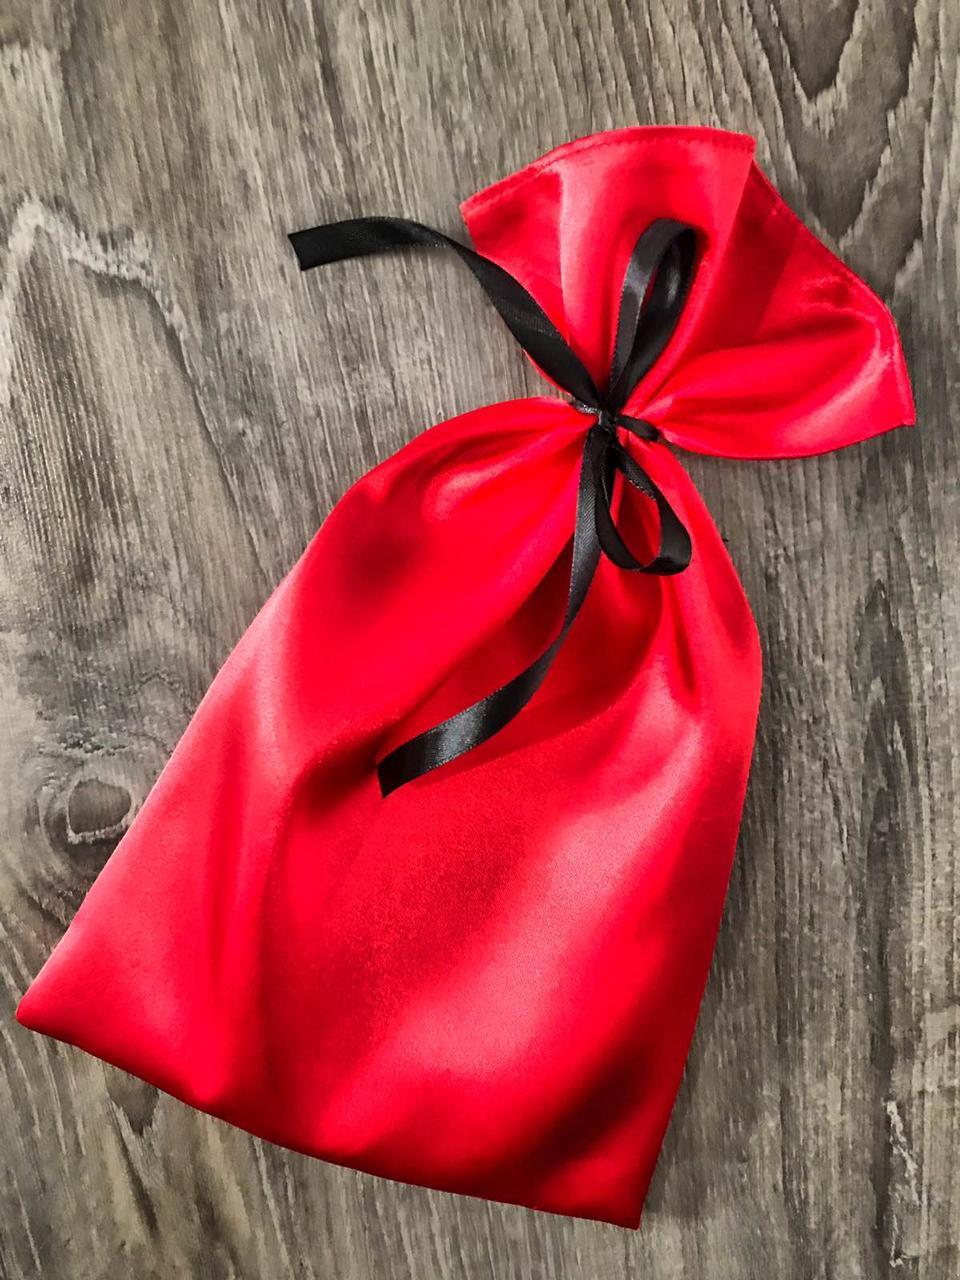 Красный атласный  мешочек.Стильный аксессуар для упаковки подарков.